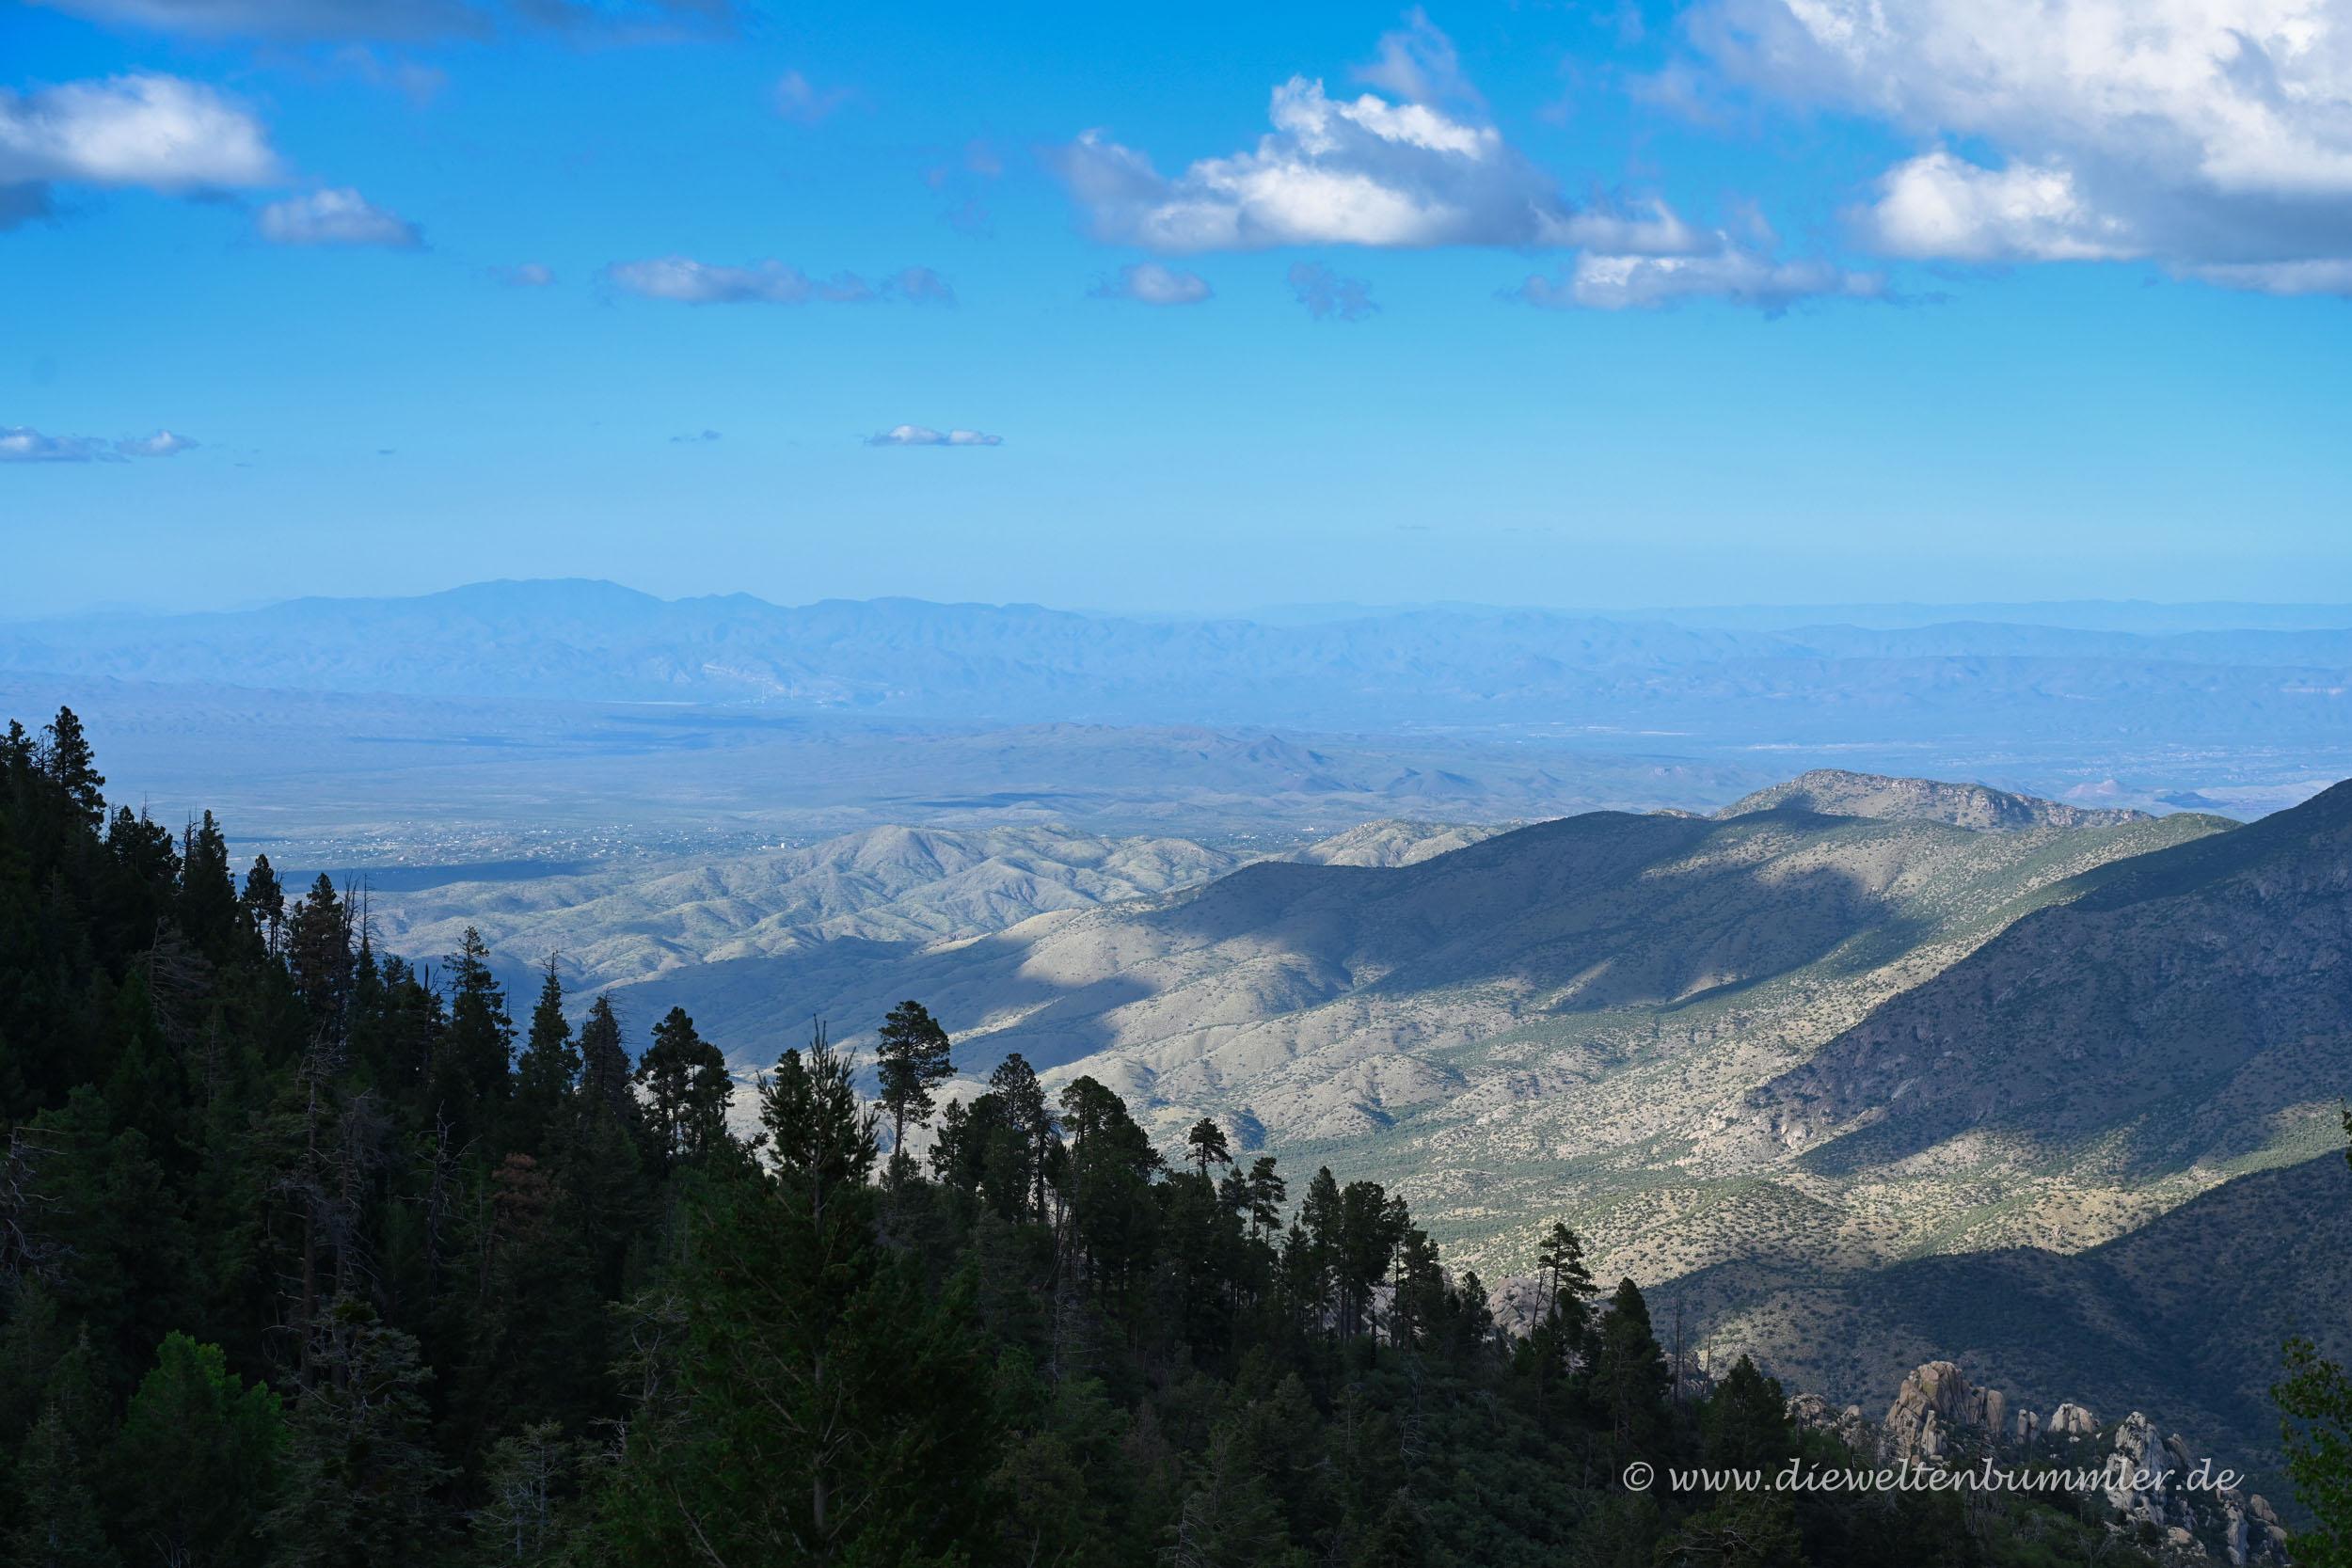 Blick vom Mount Lemmon